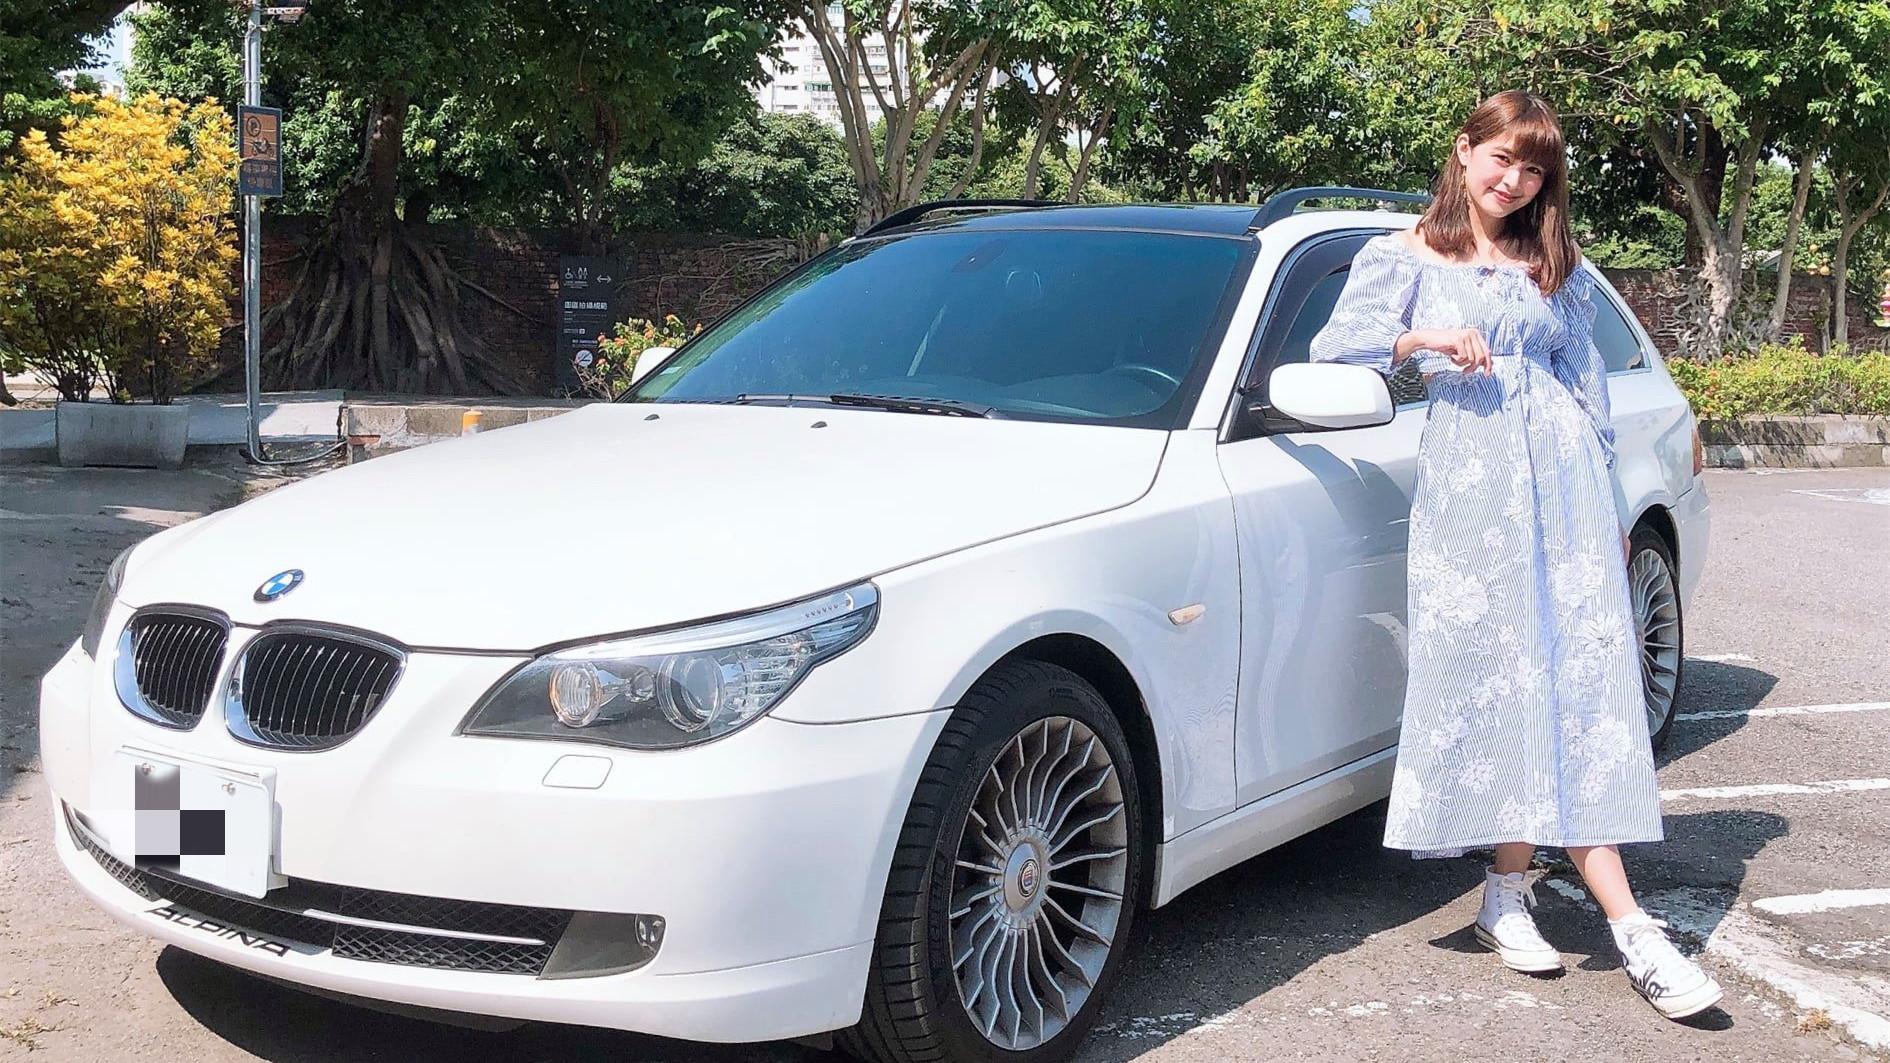 【明星聊愛車】林舒語跨海購入BMW日規530xi五門掀背旅行車 嚮往七人座大空間下台車鎖定特斯拉MODEL X